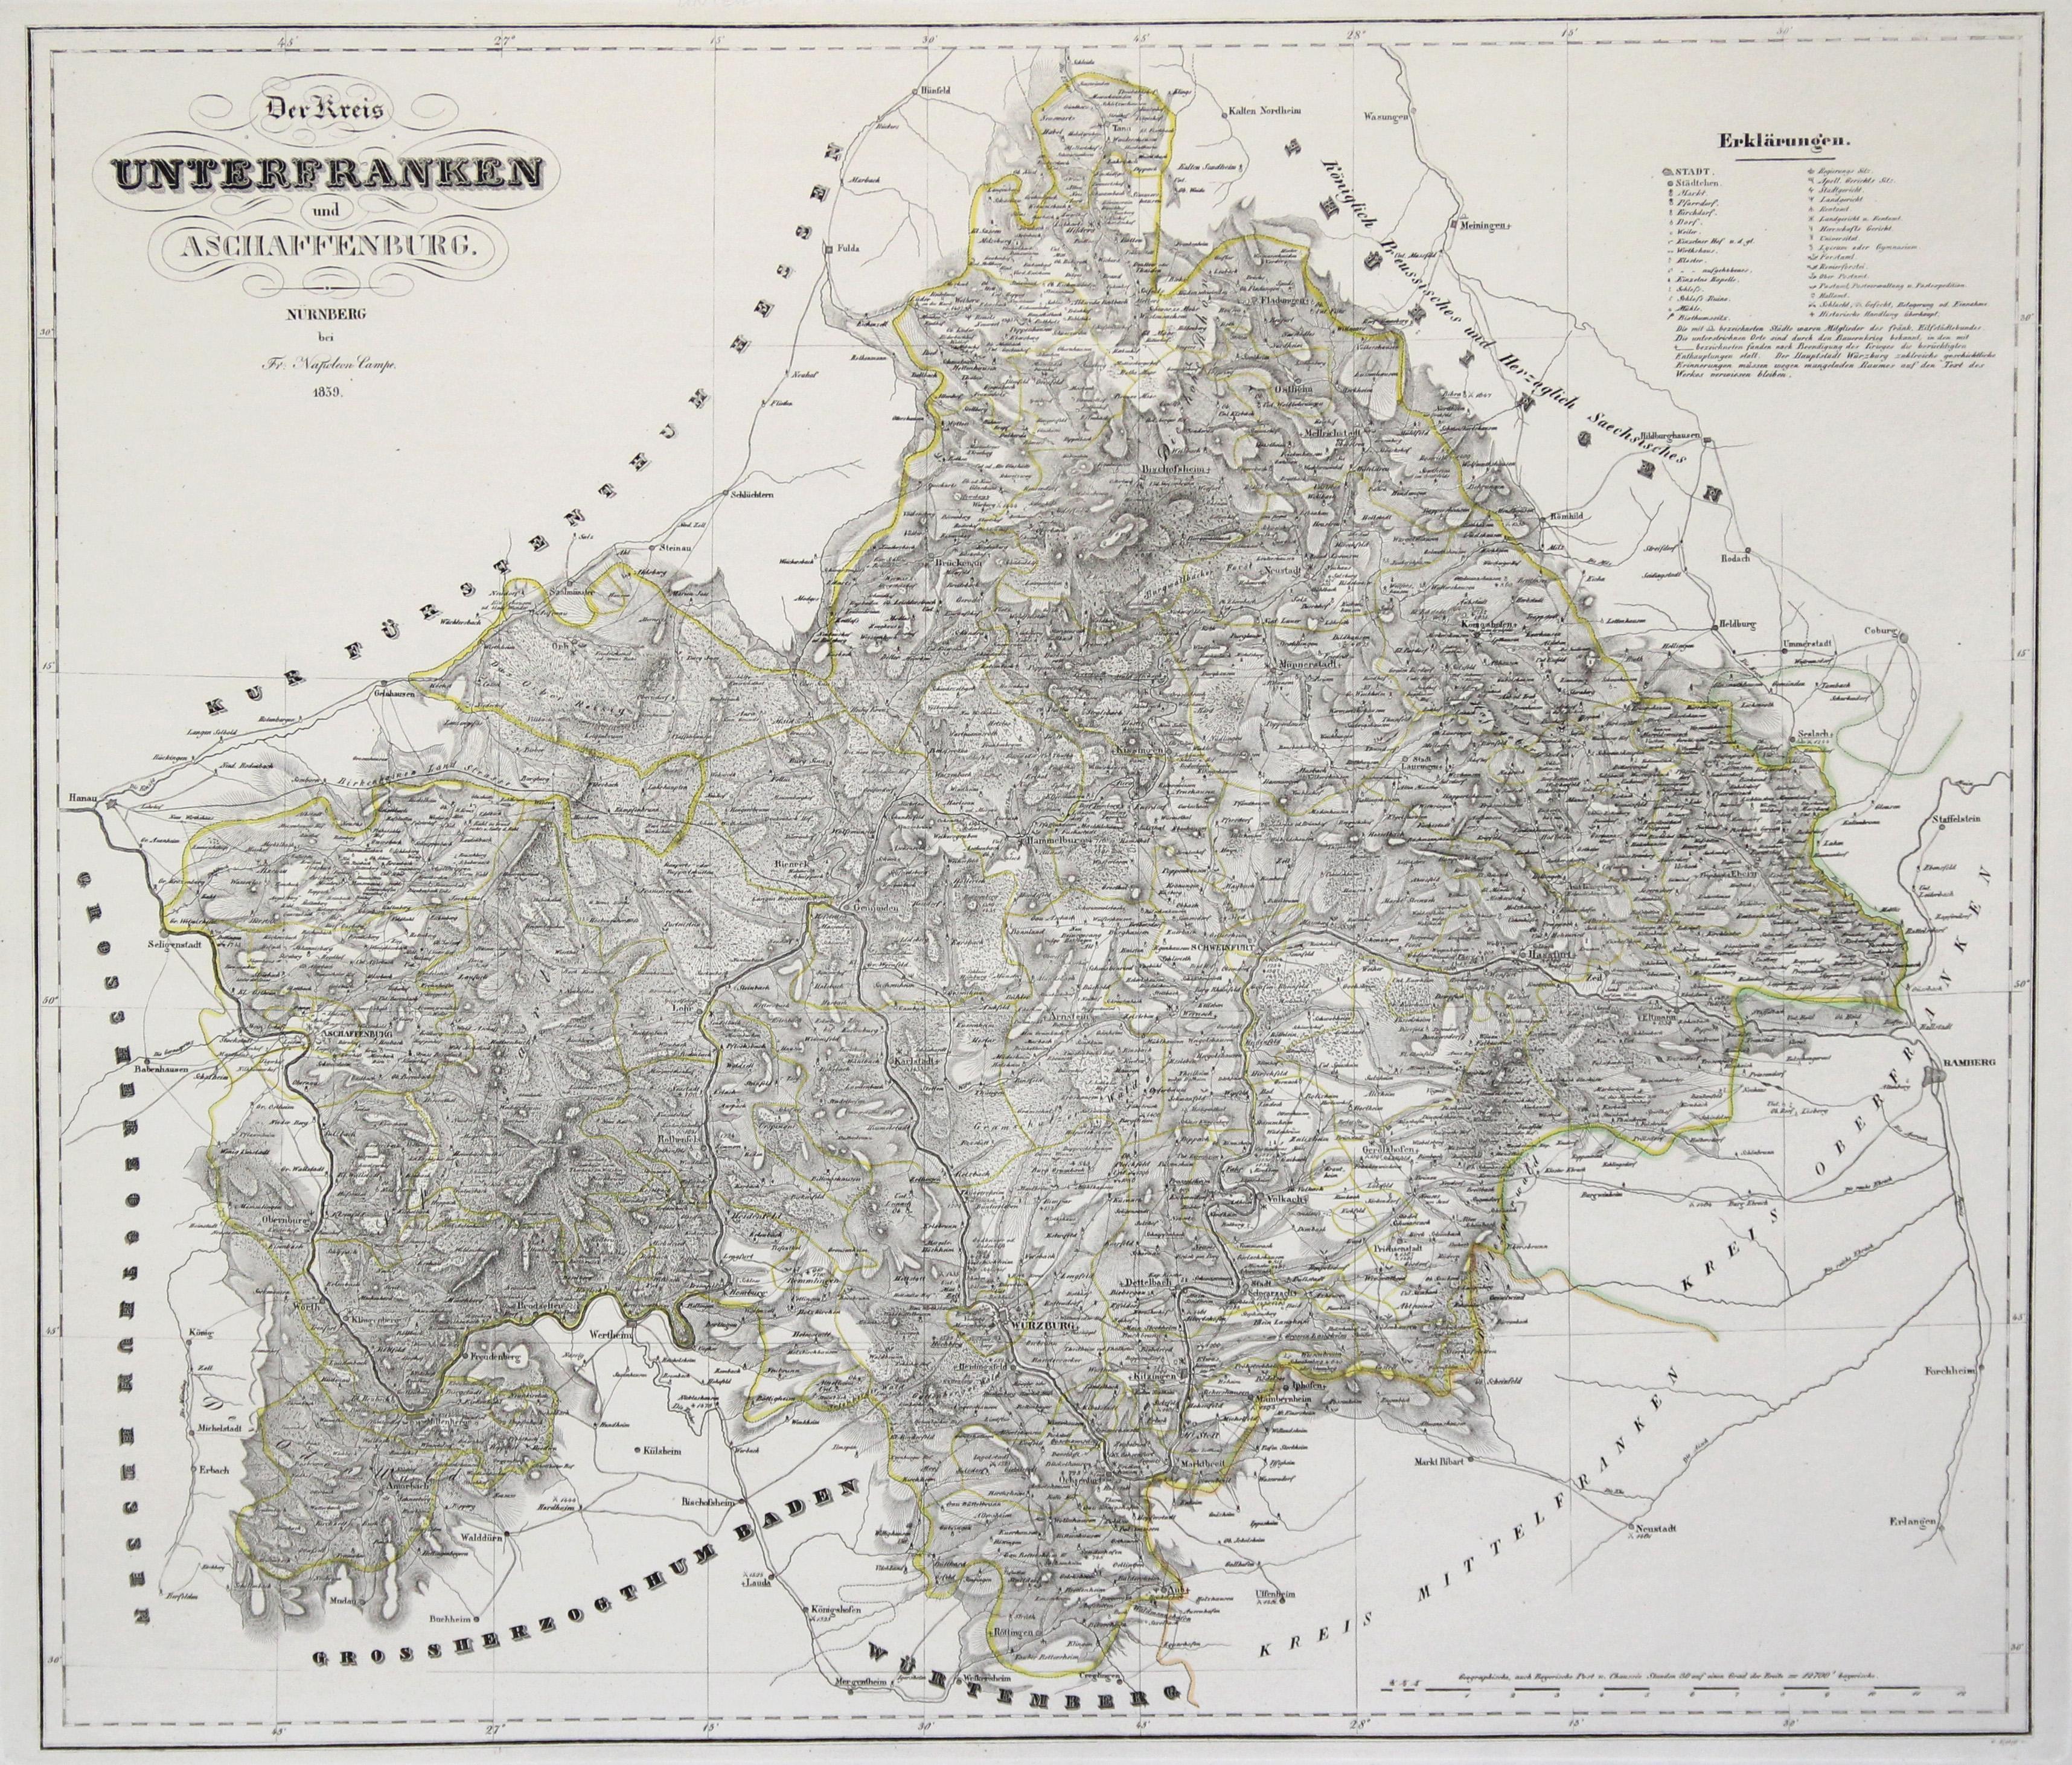 Unterfranken Karte.Aschaffenburg Unterfranken Karten Zvab